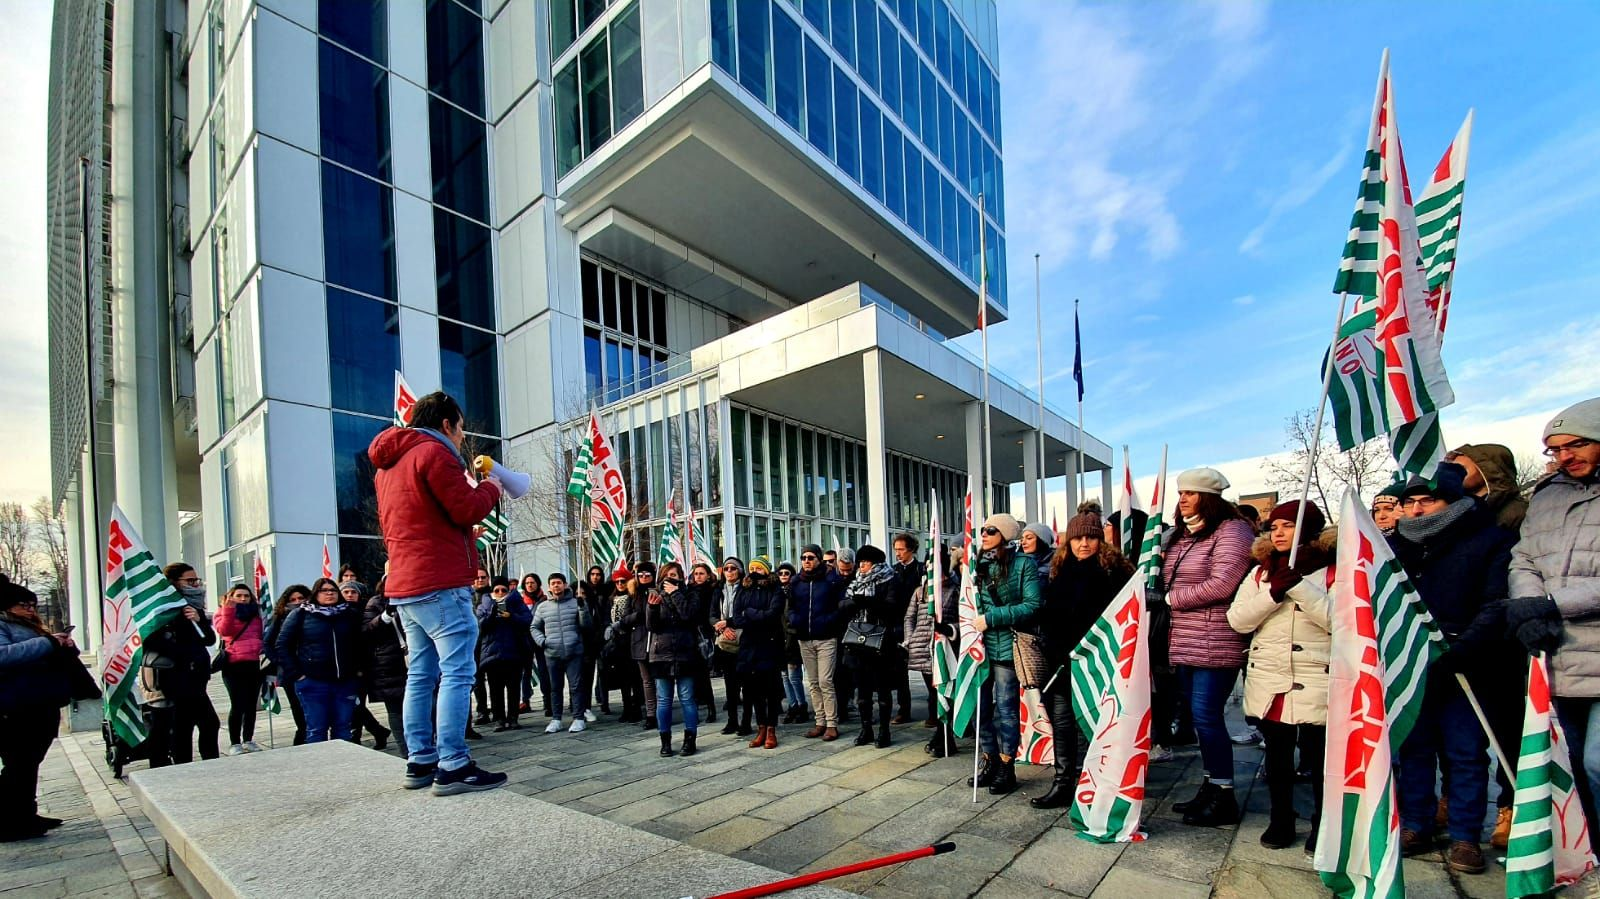 LAVORO - Dopo le proteste trovato l'accordo per la Olisistem